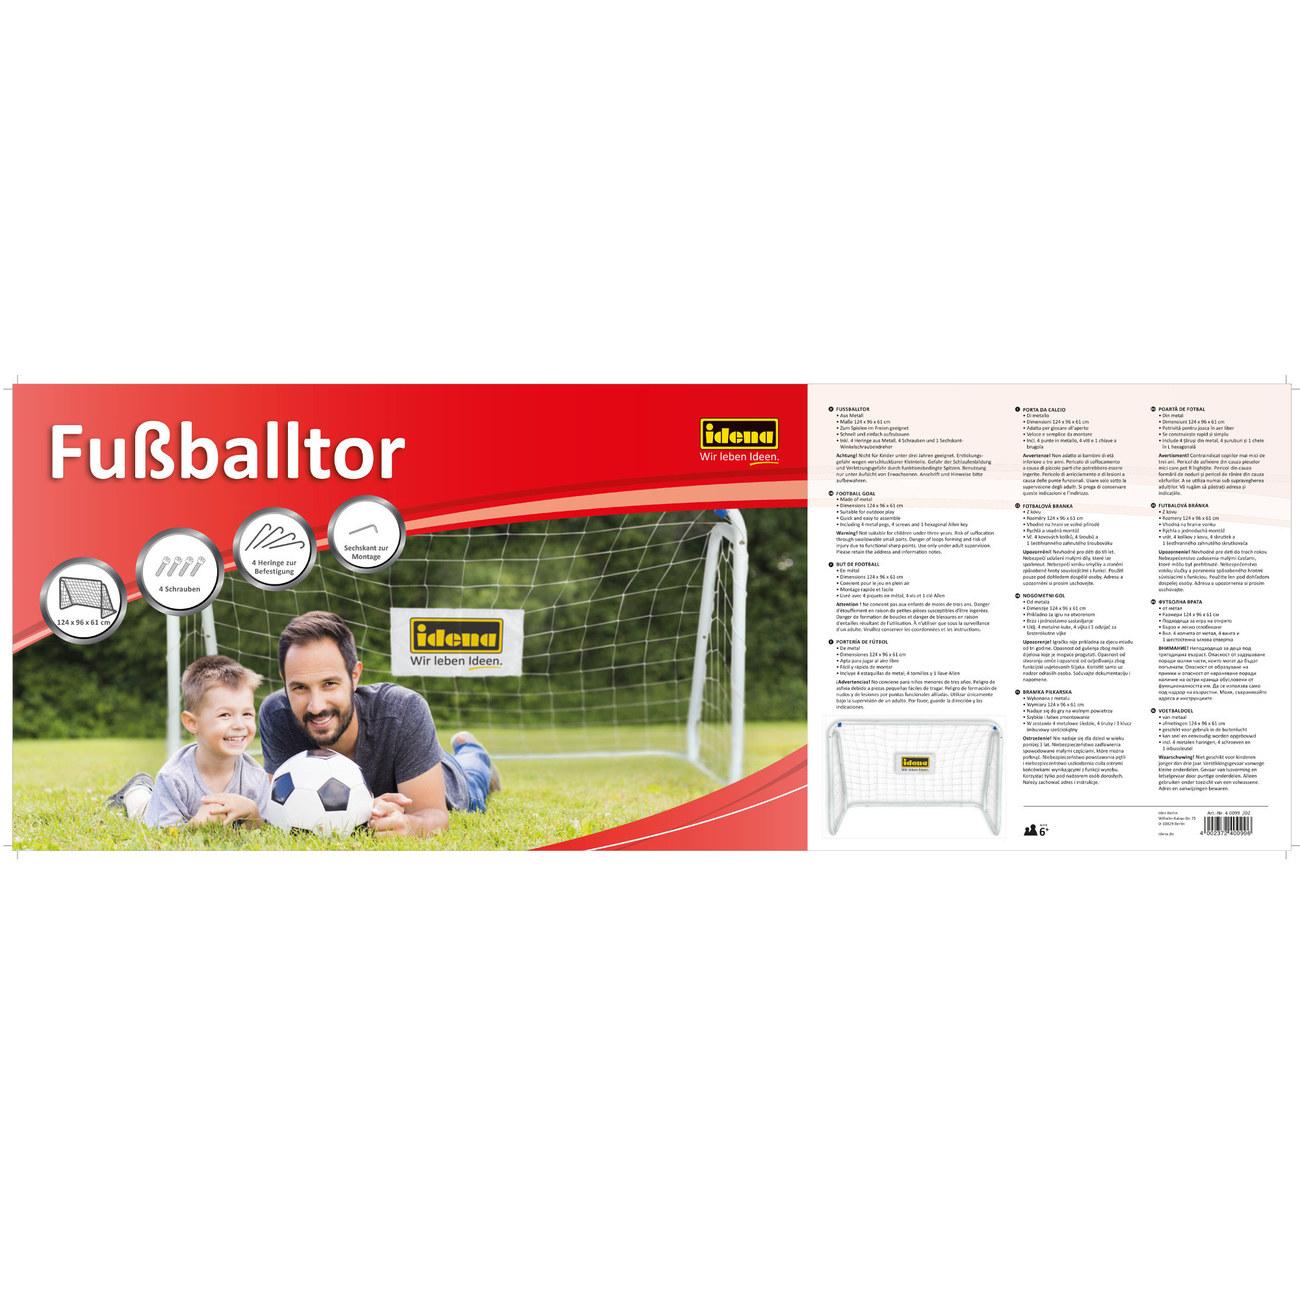 Fussballtor Aus Metall Mit Netz Gunstig Kaufen Idena